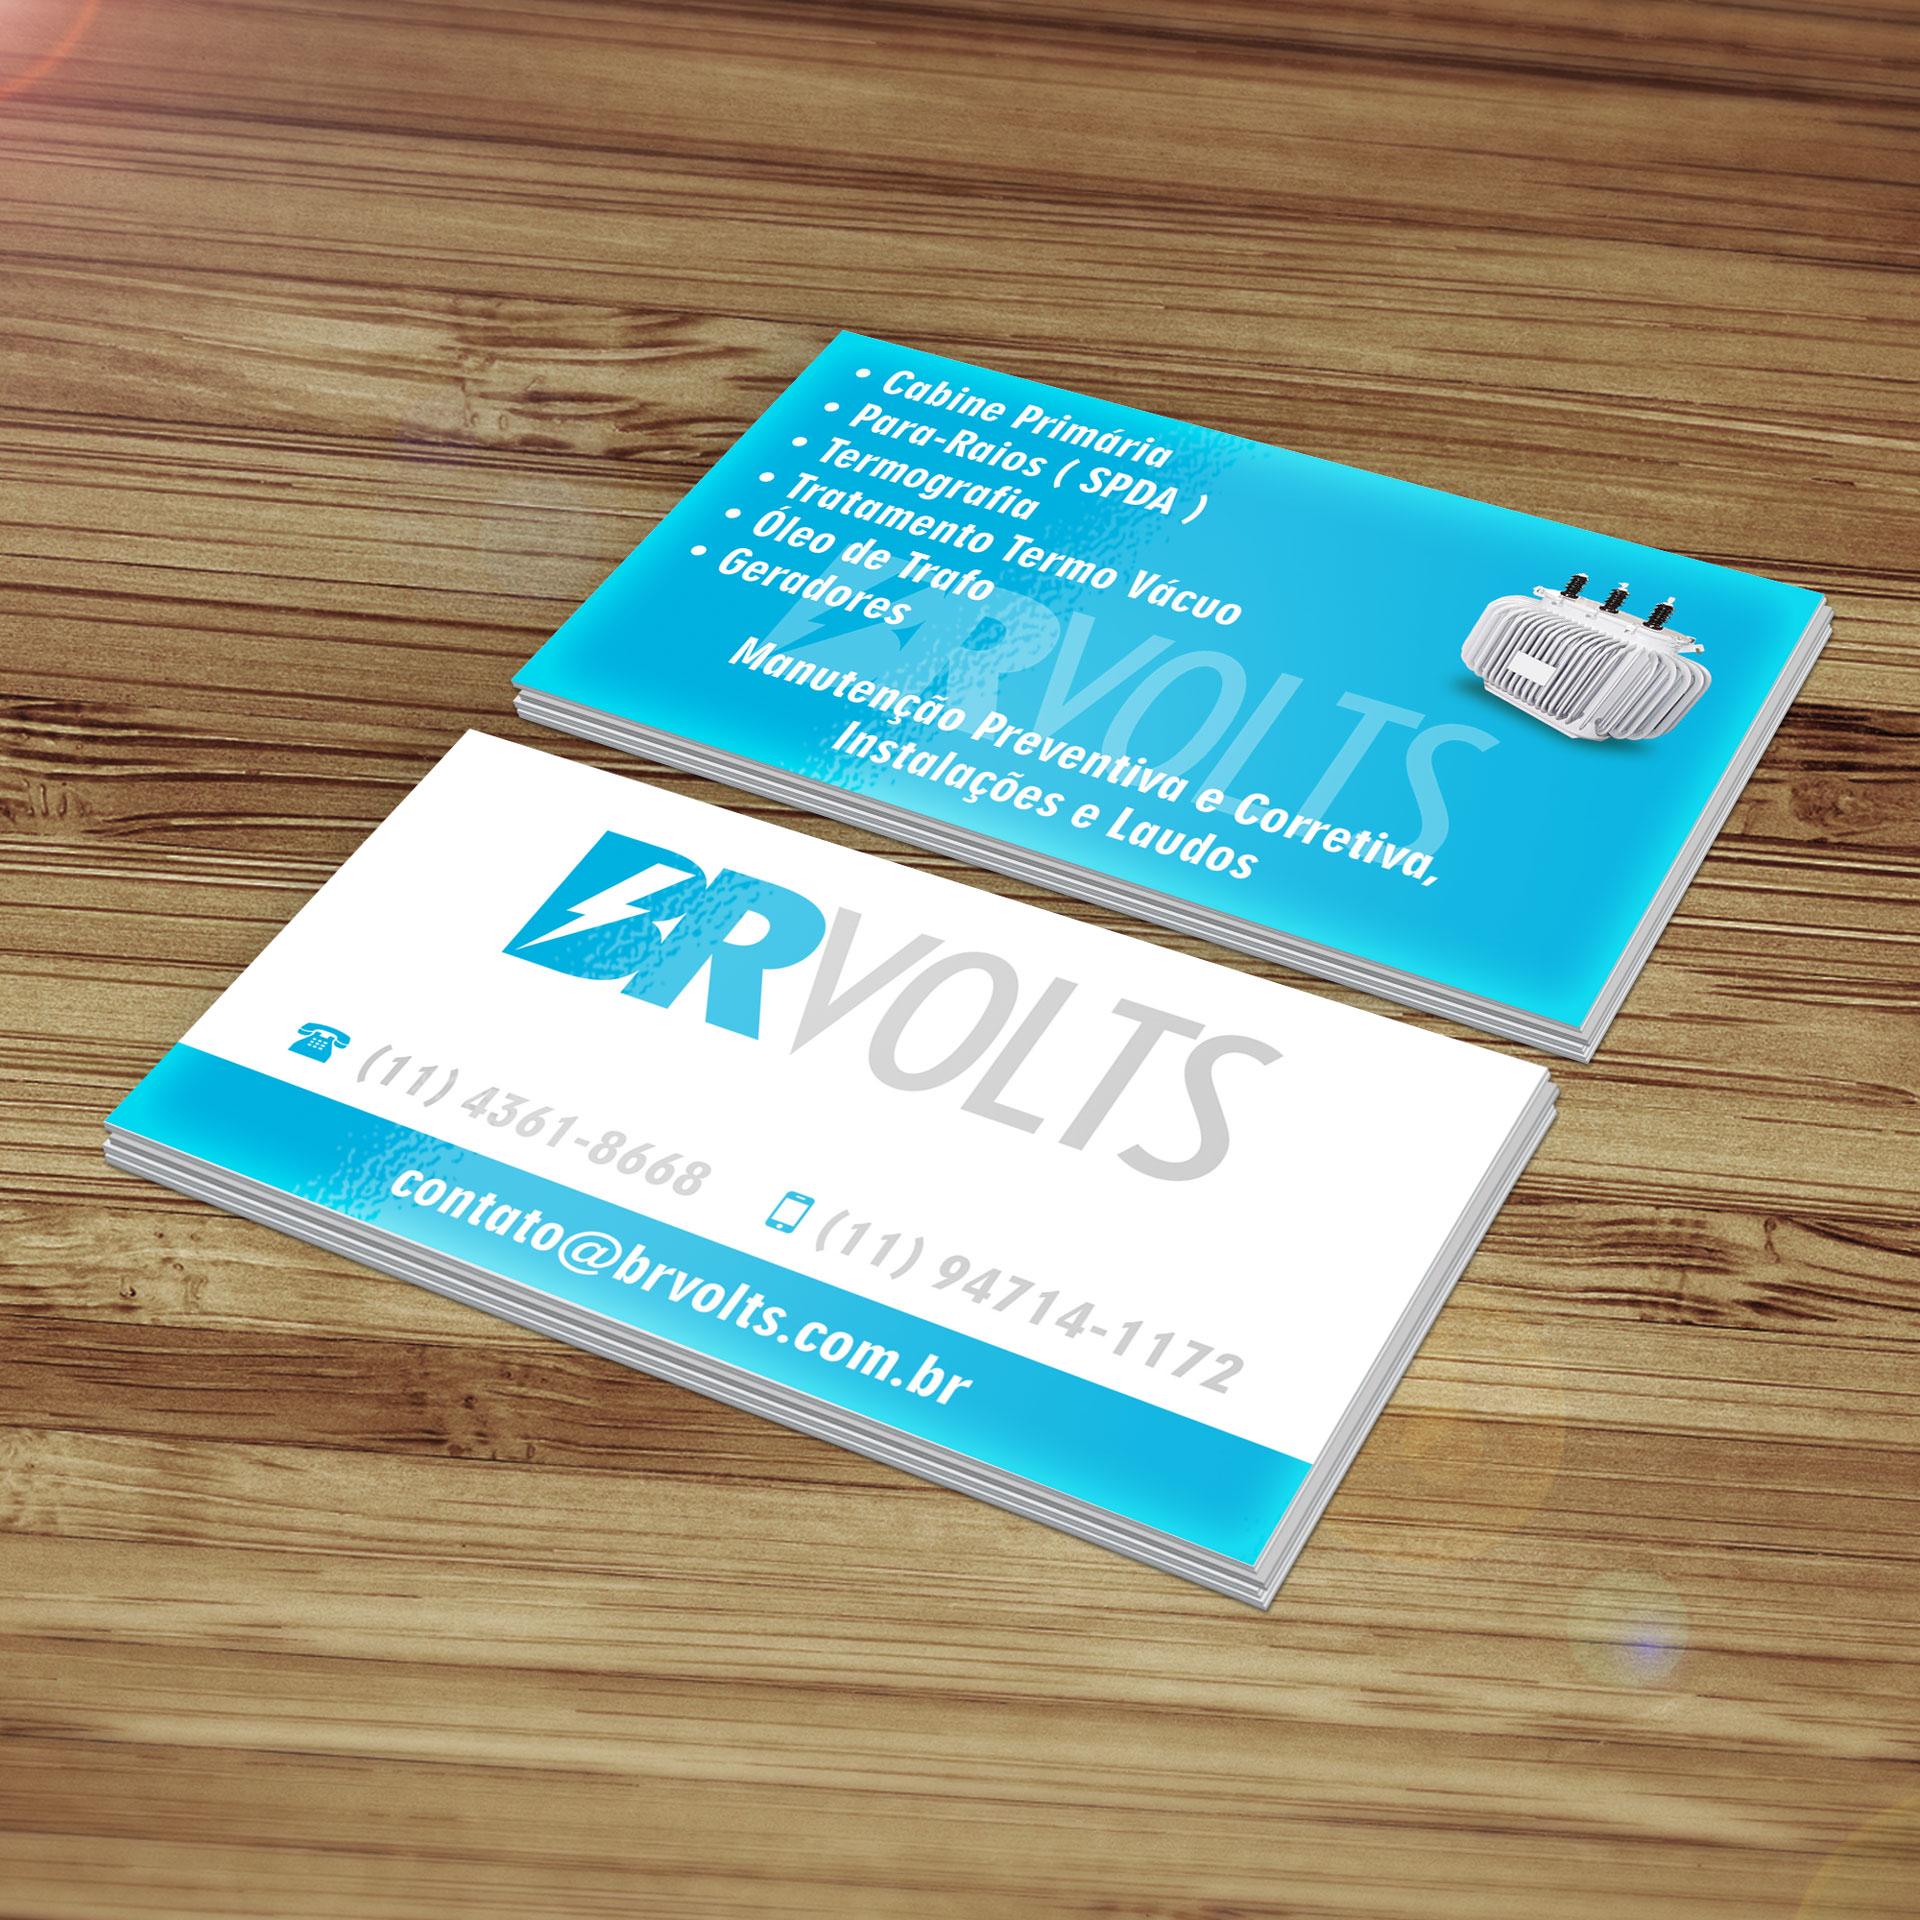 BR Volts – Cartão de Visitas, Logotipo e Site